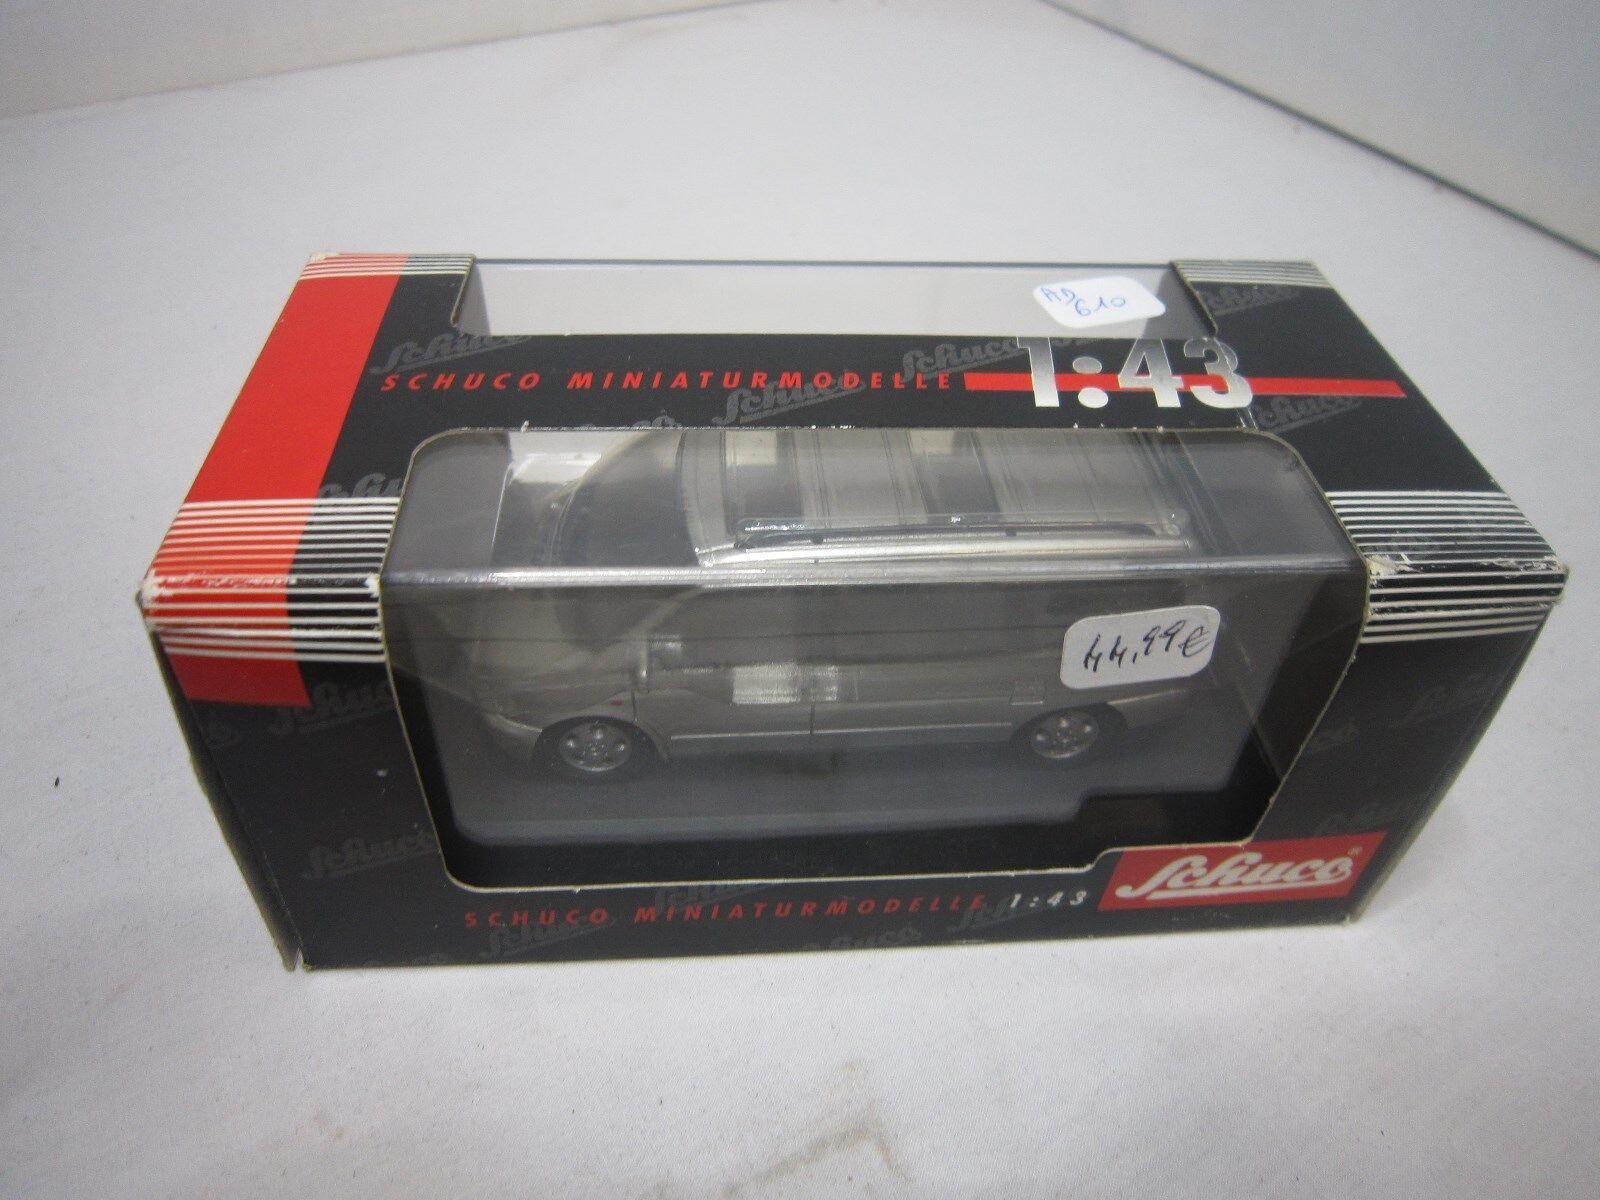 Ad610 schuco 1 43 mercedes benz v 230 grey ref 04281 miniature bon etat